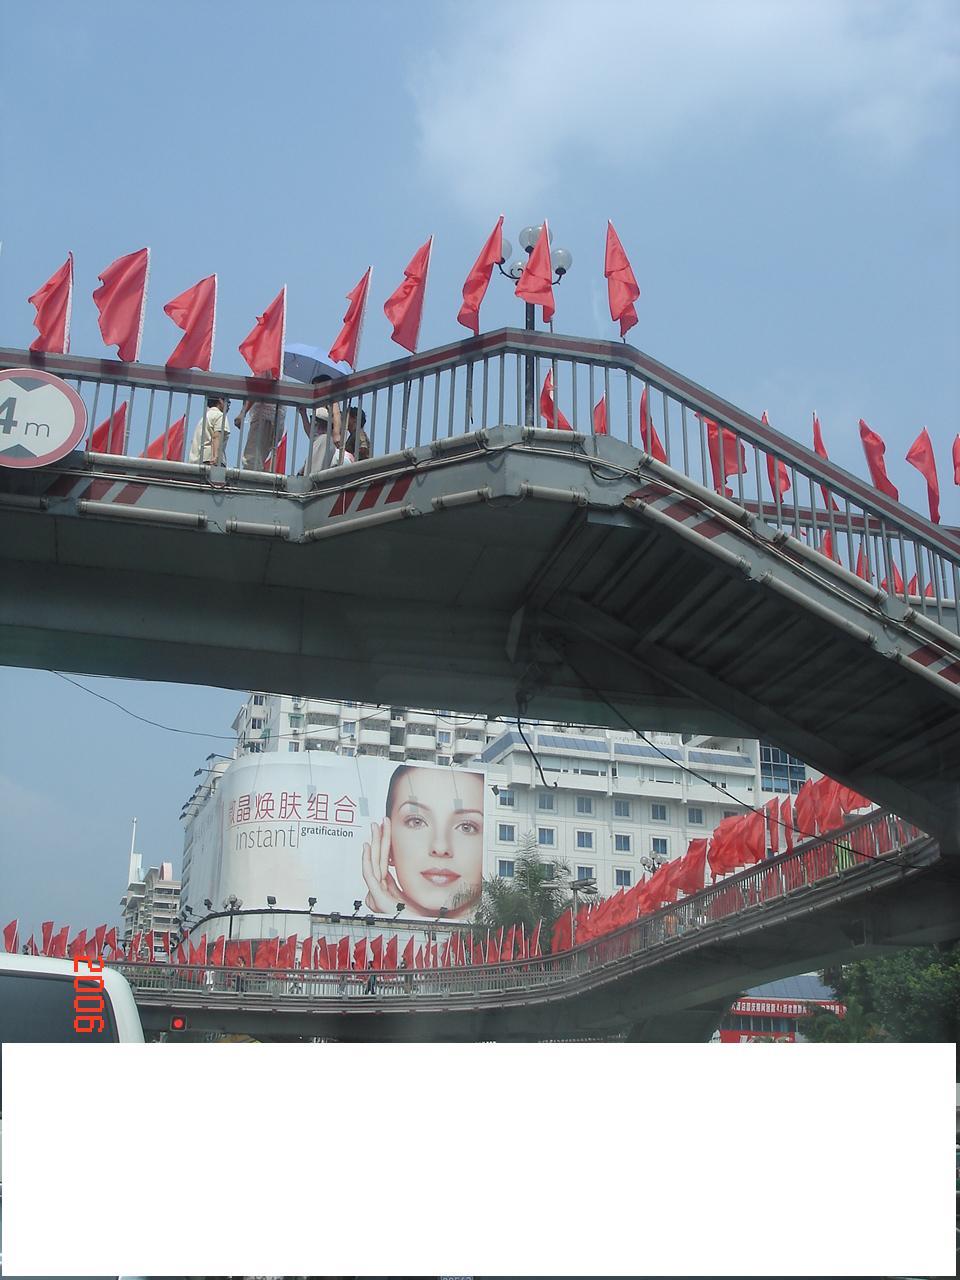 福州东街口红旗飘飘 - 吴木銮 - 吴木銮的博客